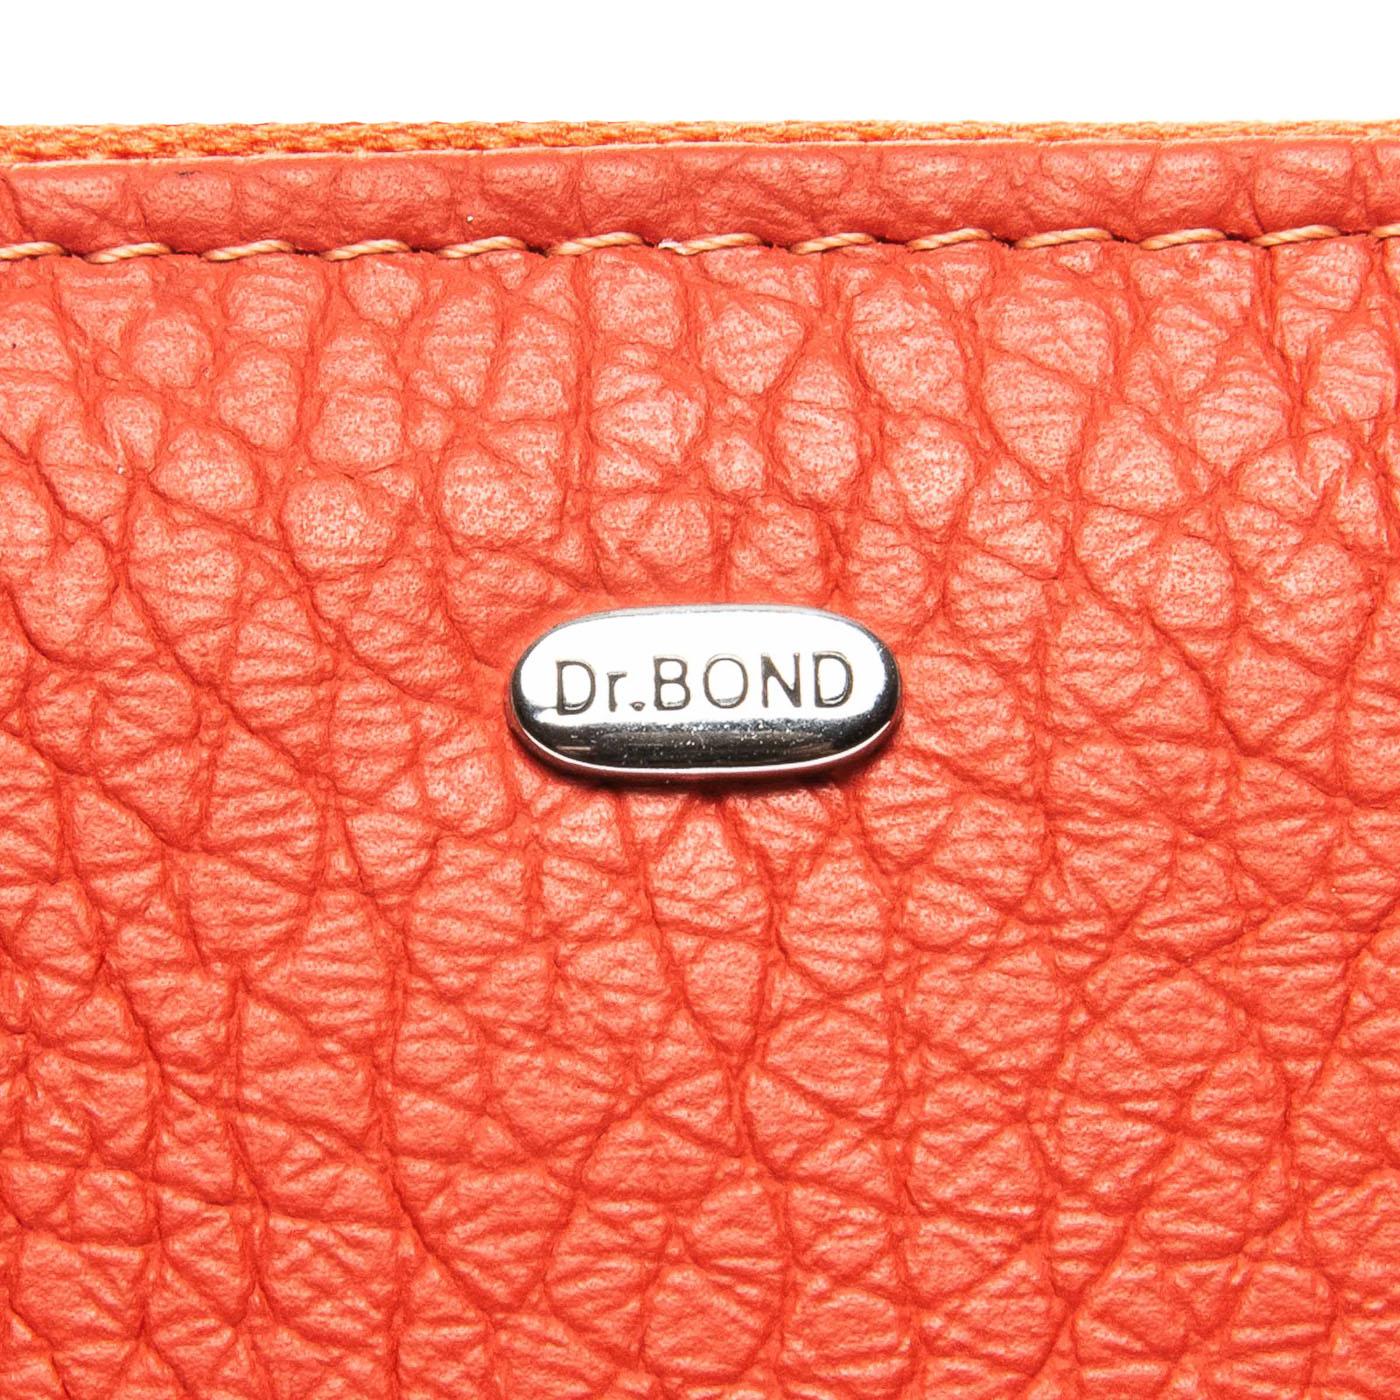 Кошелек Classic кожа DR. BOND WS-2 orange - фото 3